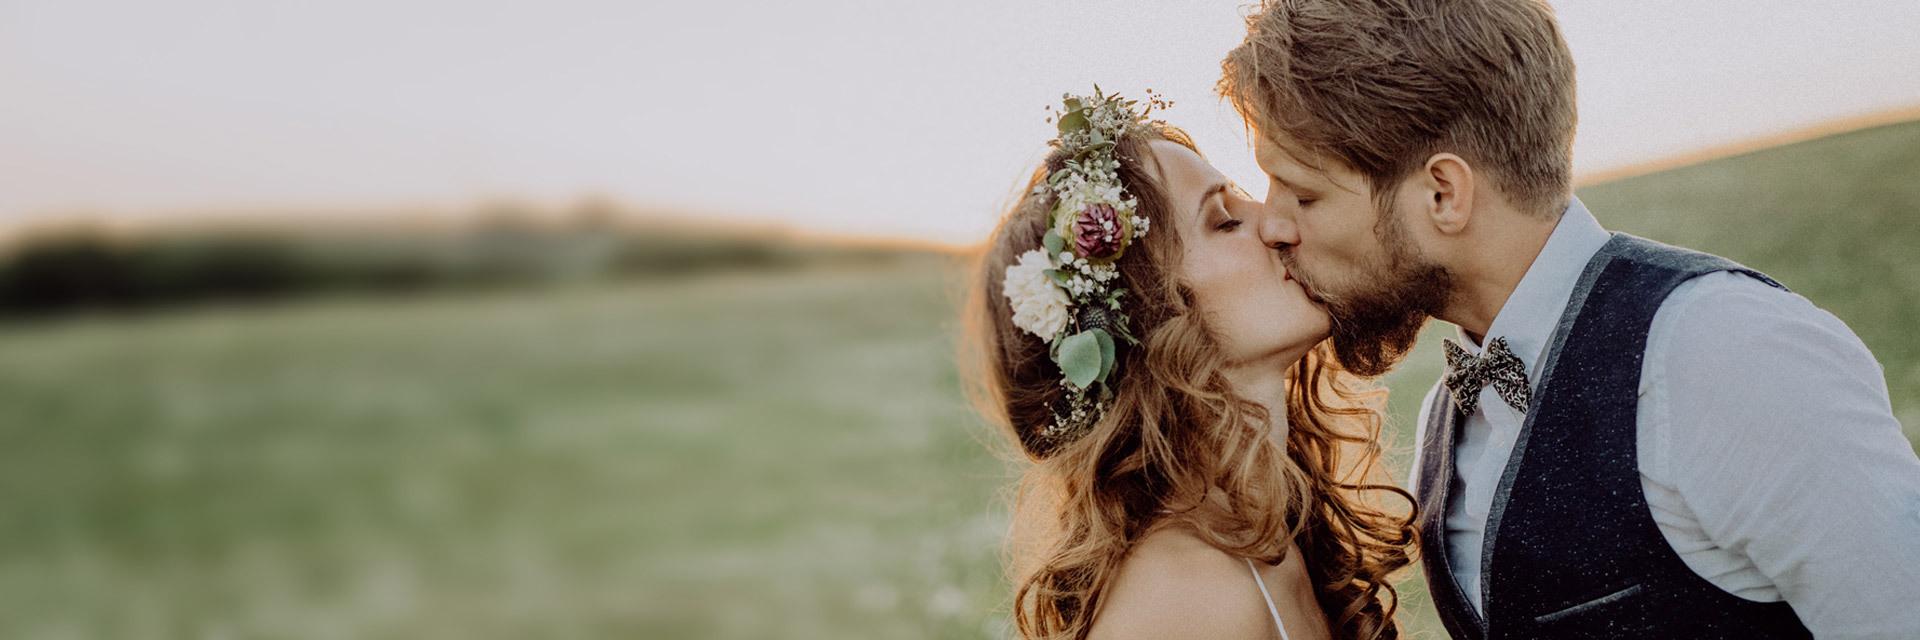 Hochzeit_(Desktop-HD-1920×640)